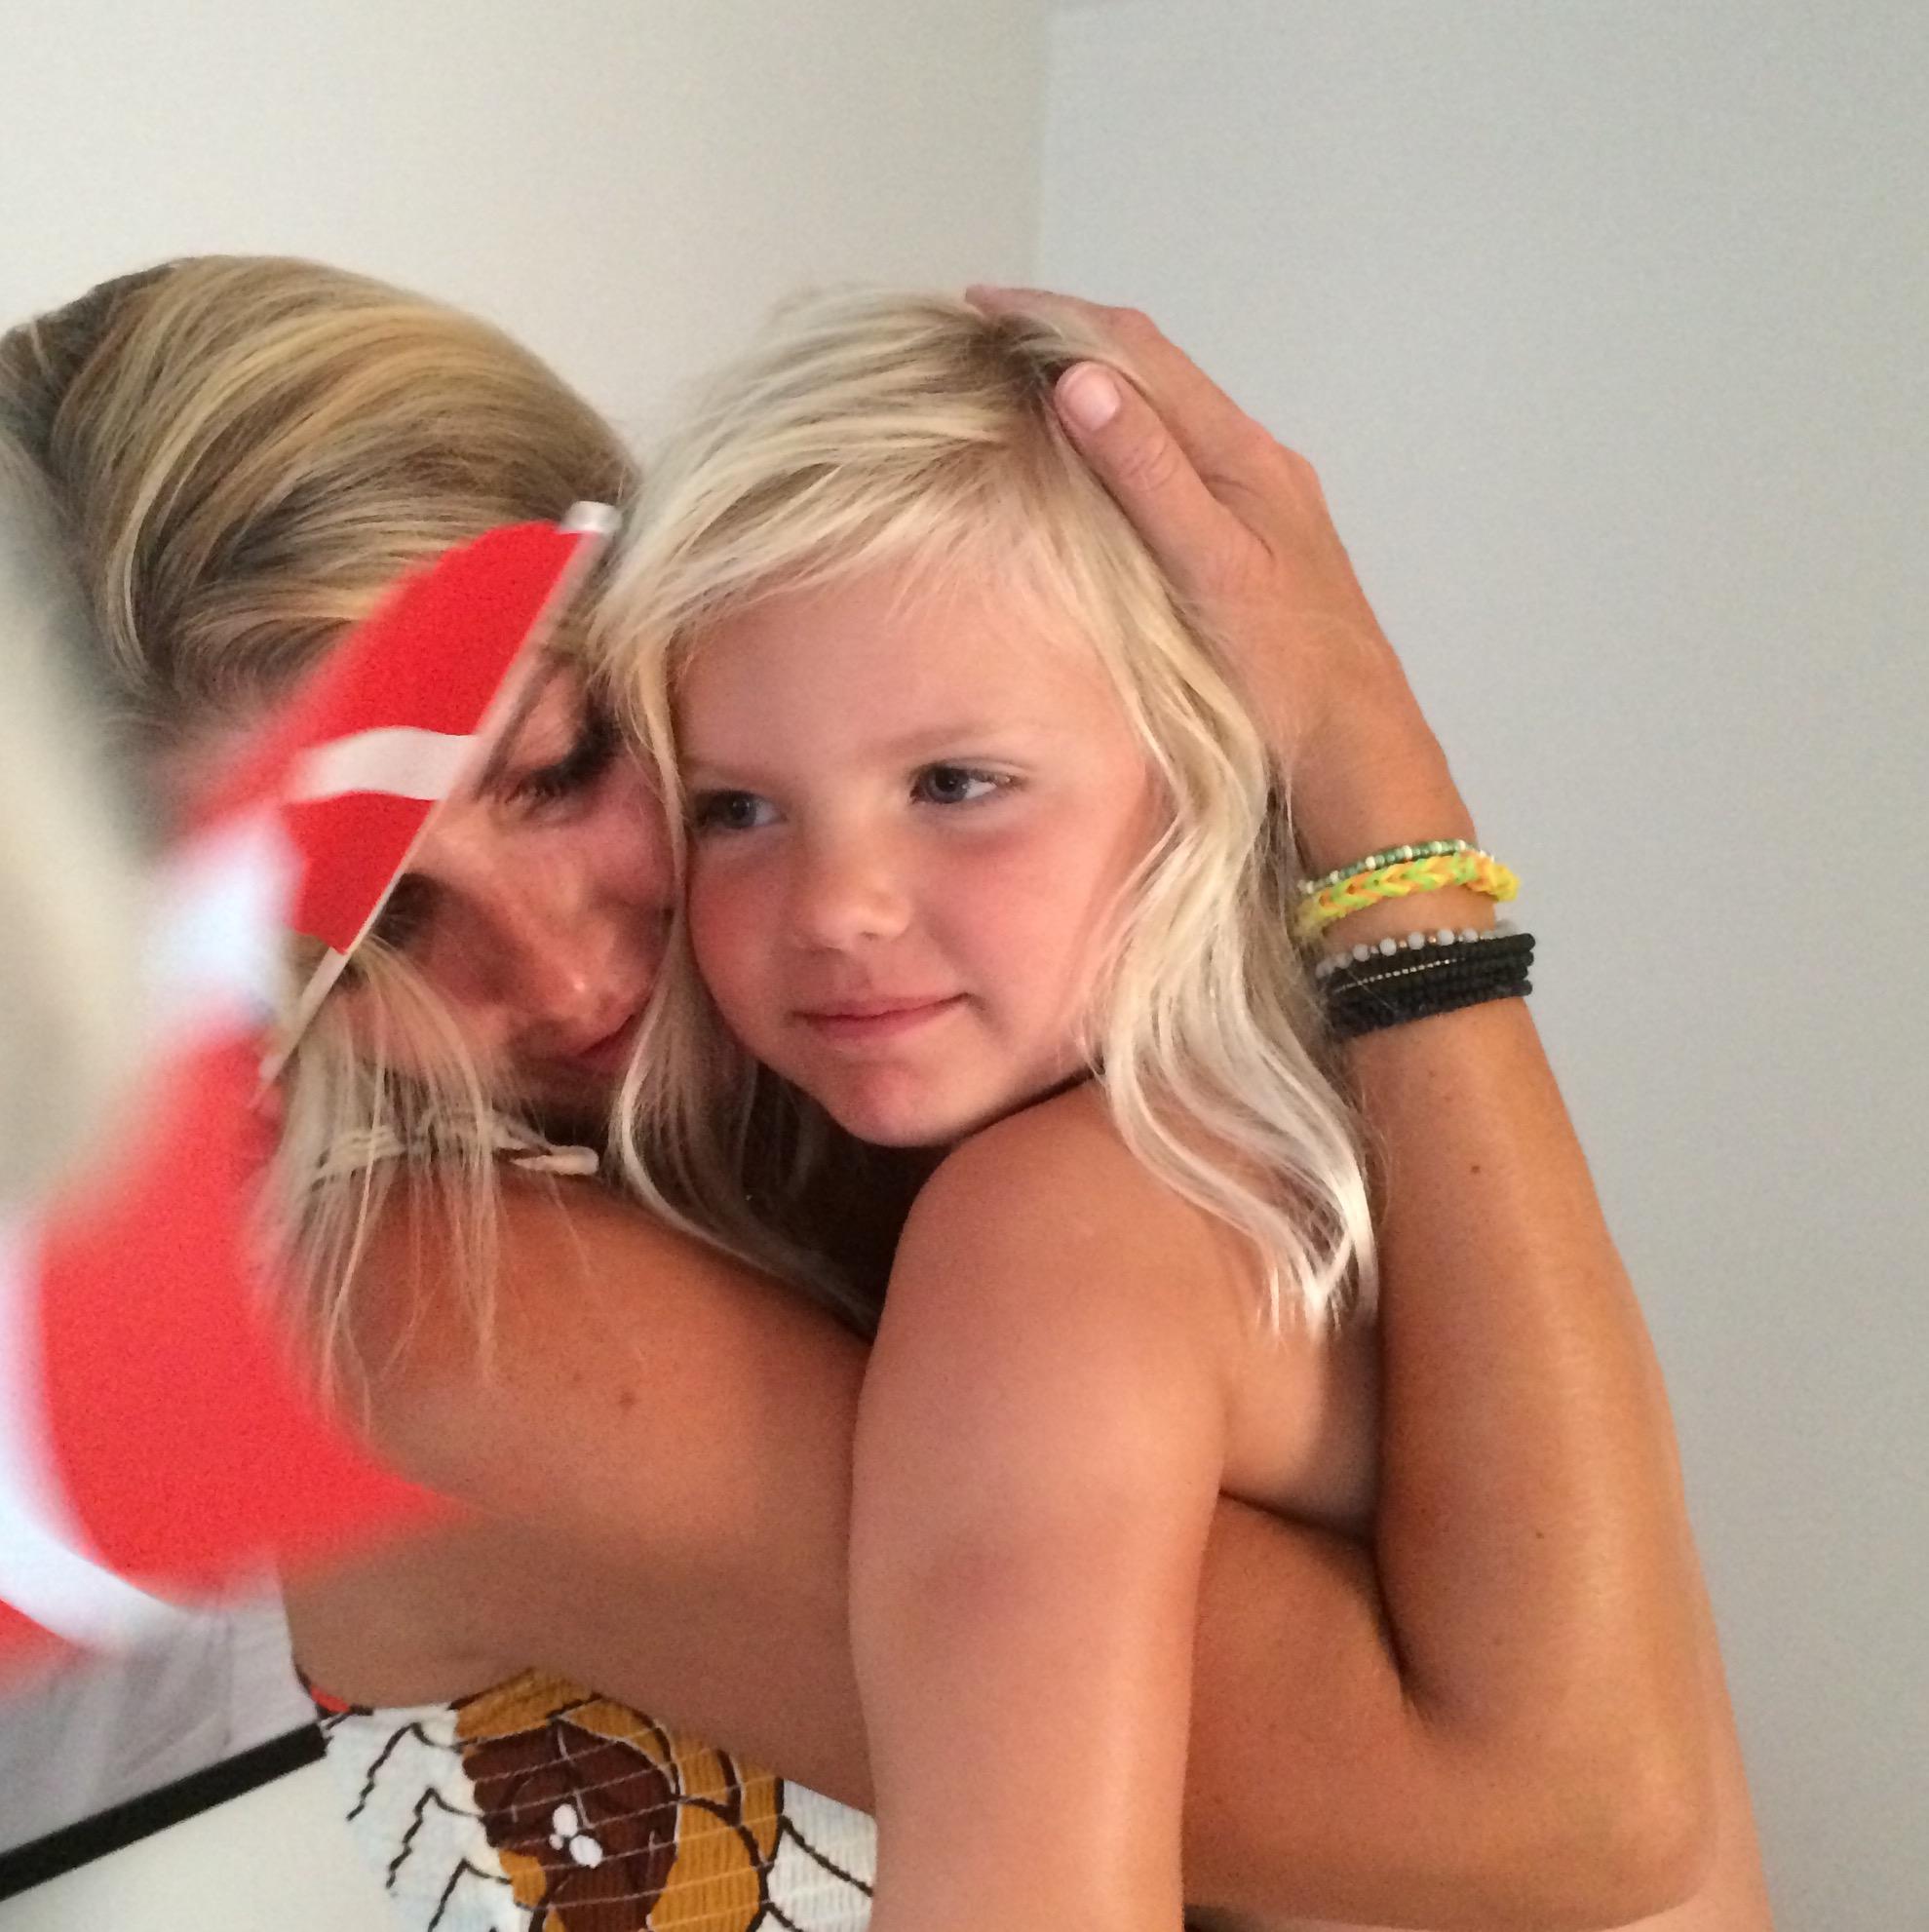 Netop min datter vil jeg gøre alt for, men 'curlingforælder' håber jeg alligevel aldrig, at jeg udvikler mig til.